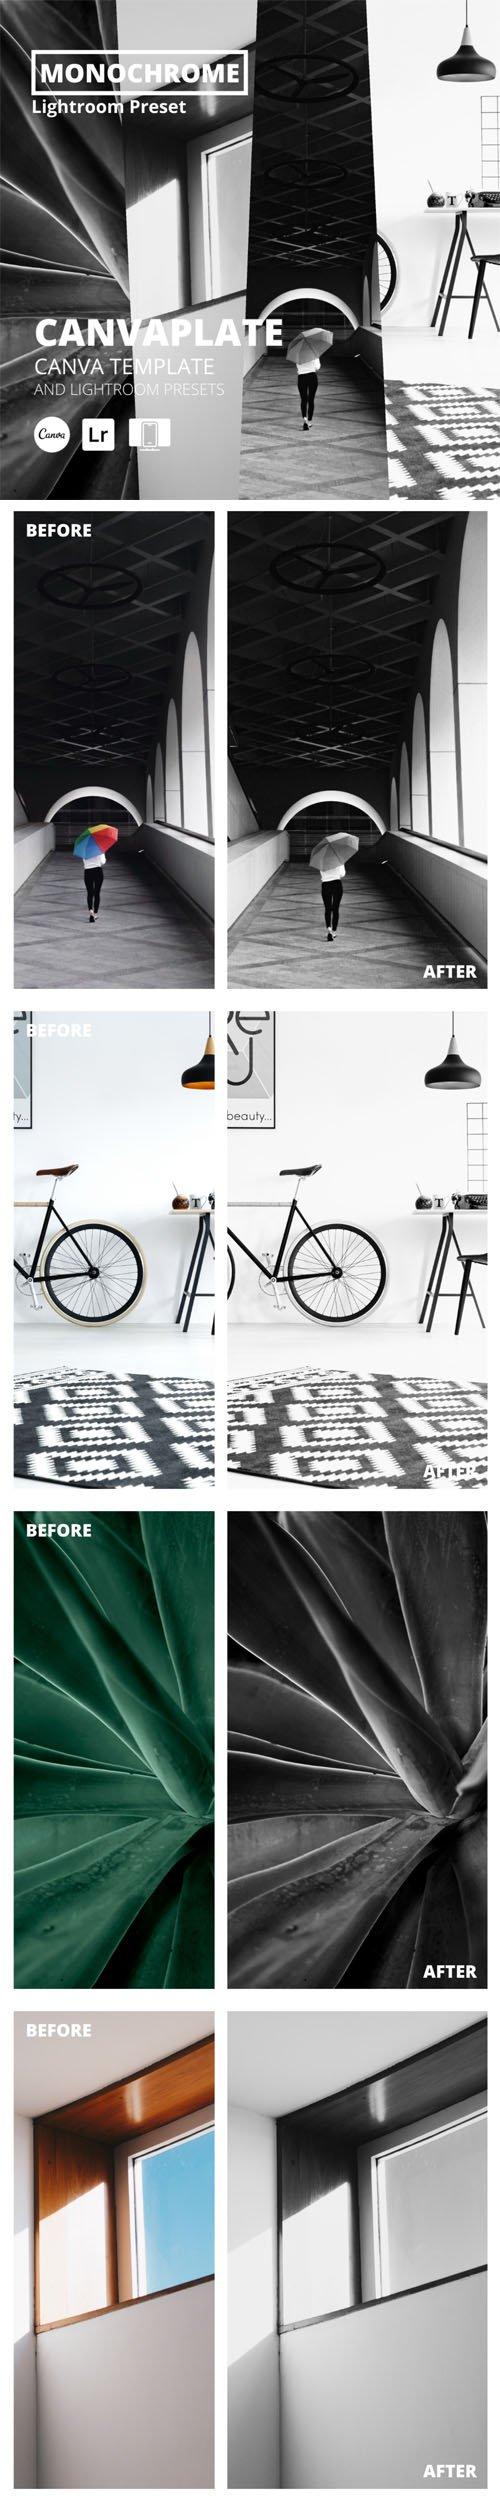 10 Monochrome Mobile & Desktop Lightroom Presets